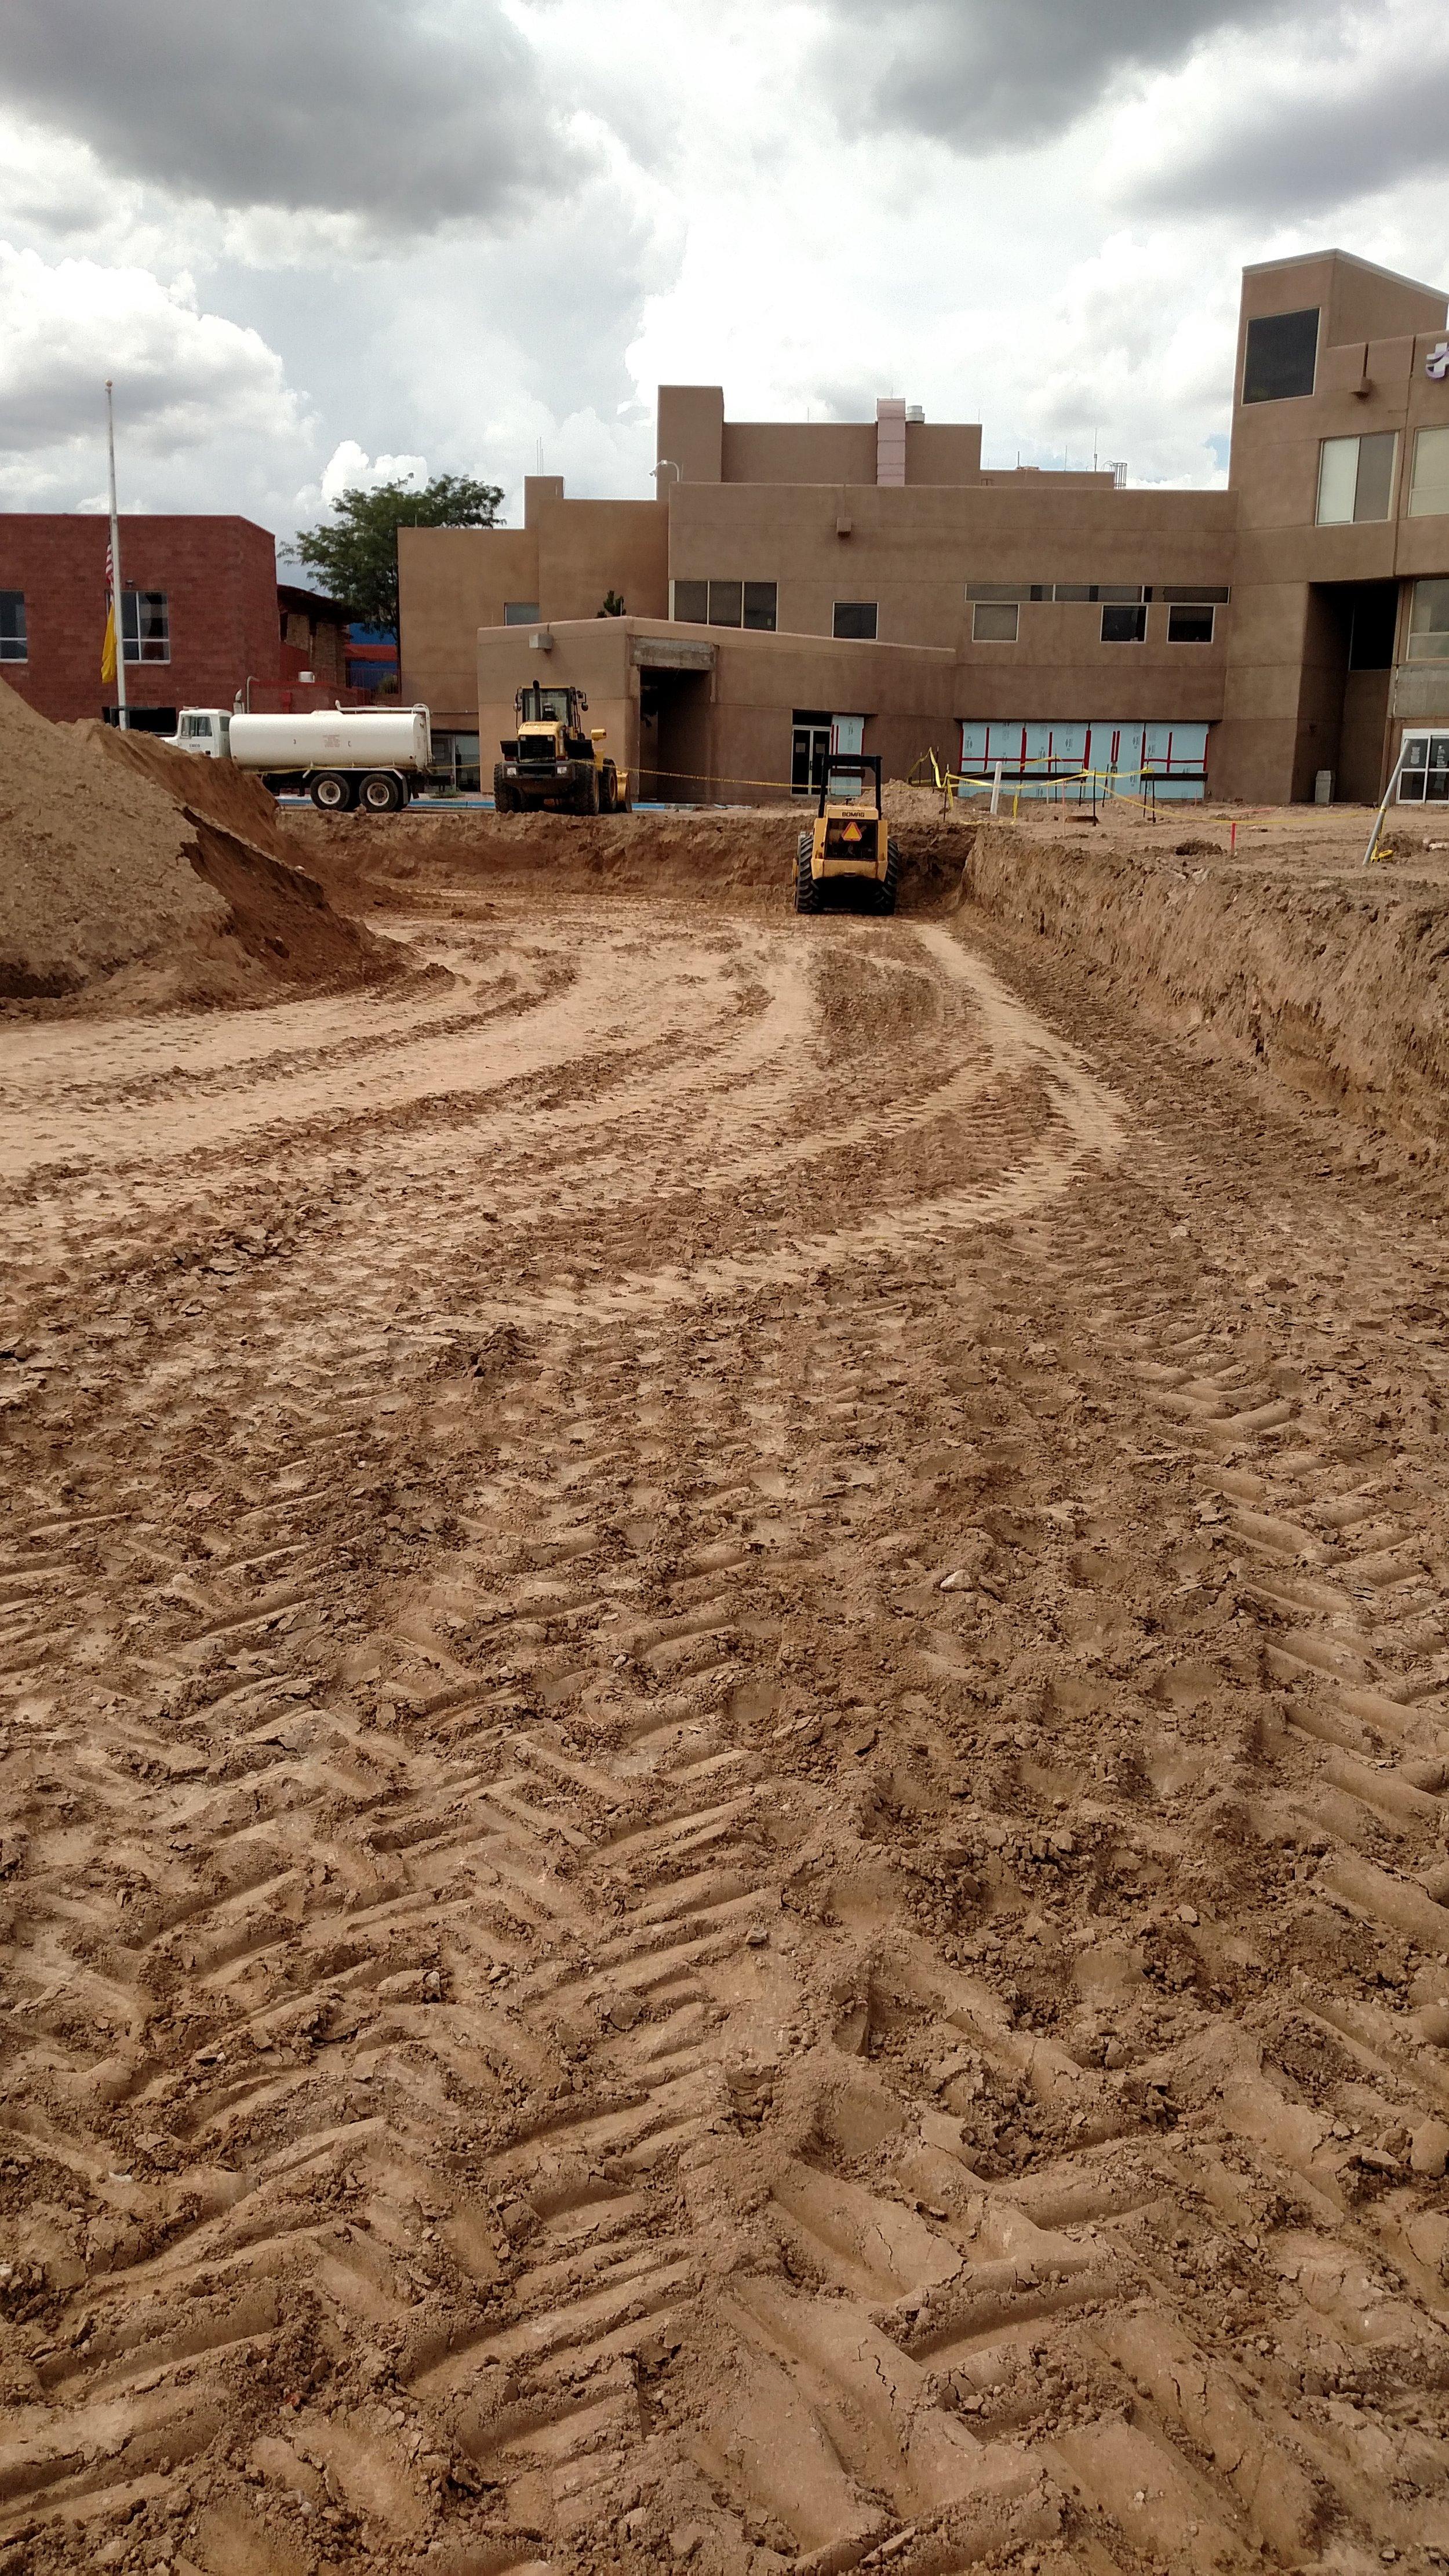 Over Excavation at St. Vincent's Hospital, Santa Fe, NM